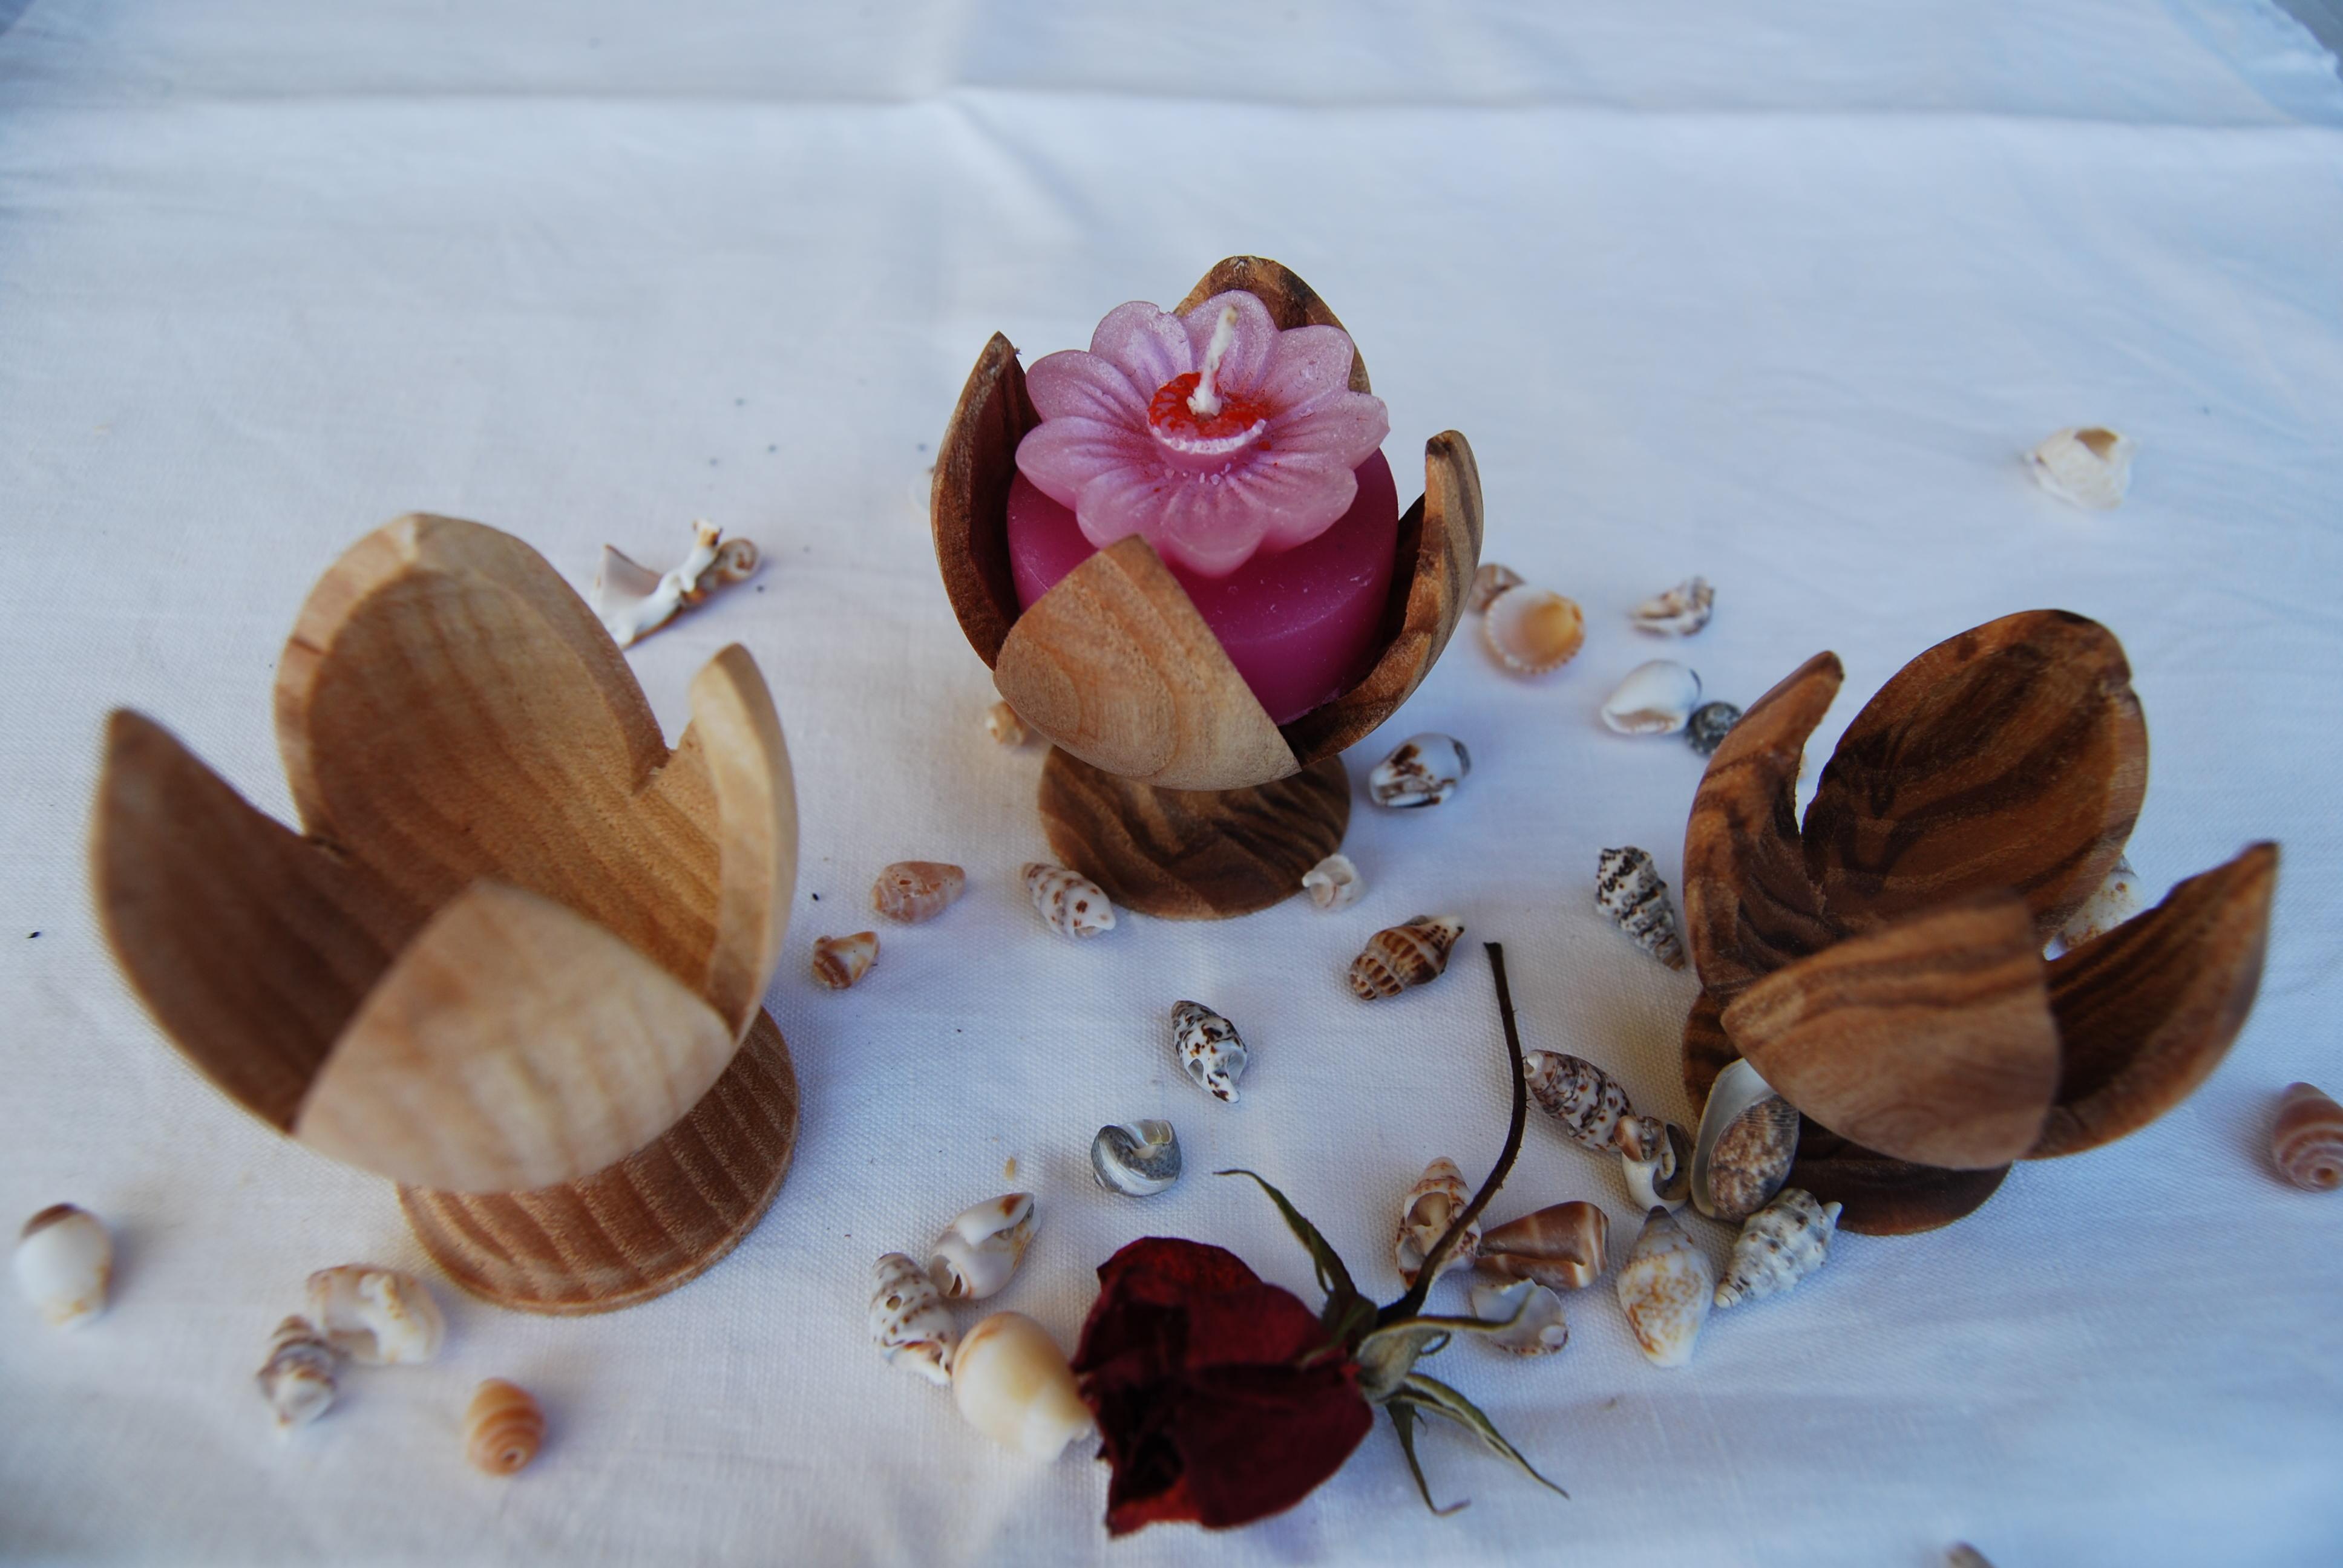 Portacandele in legno di frassino tornito